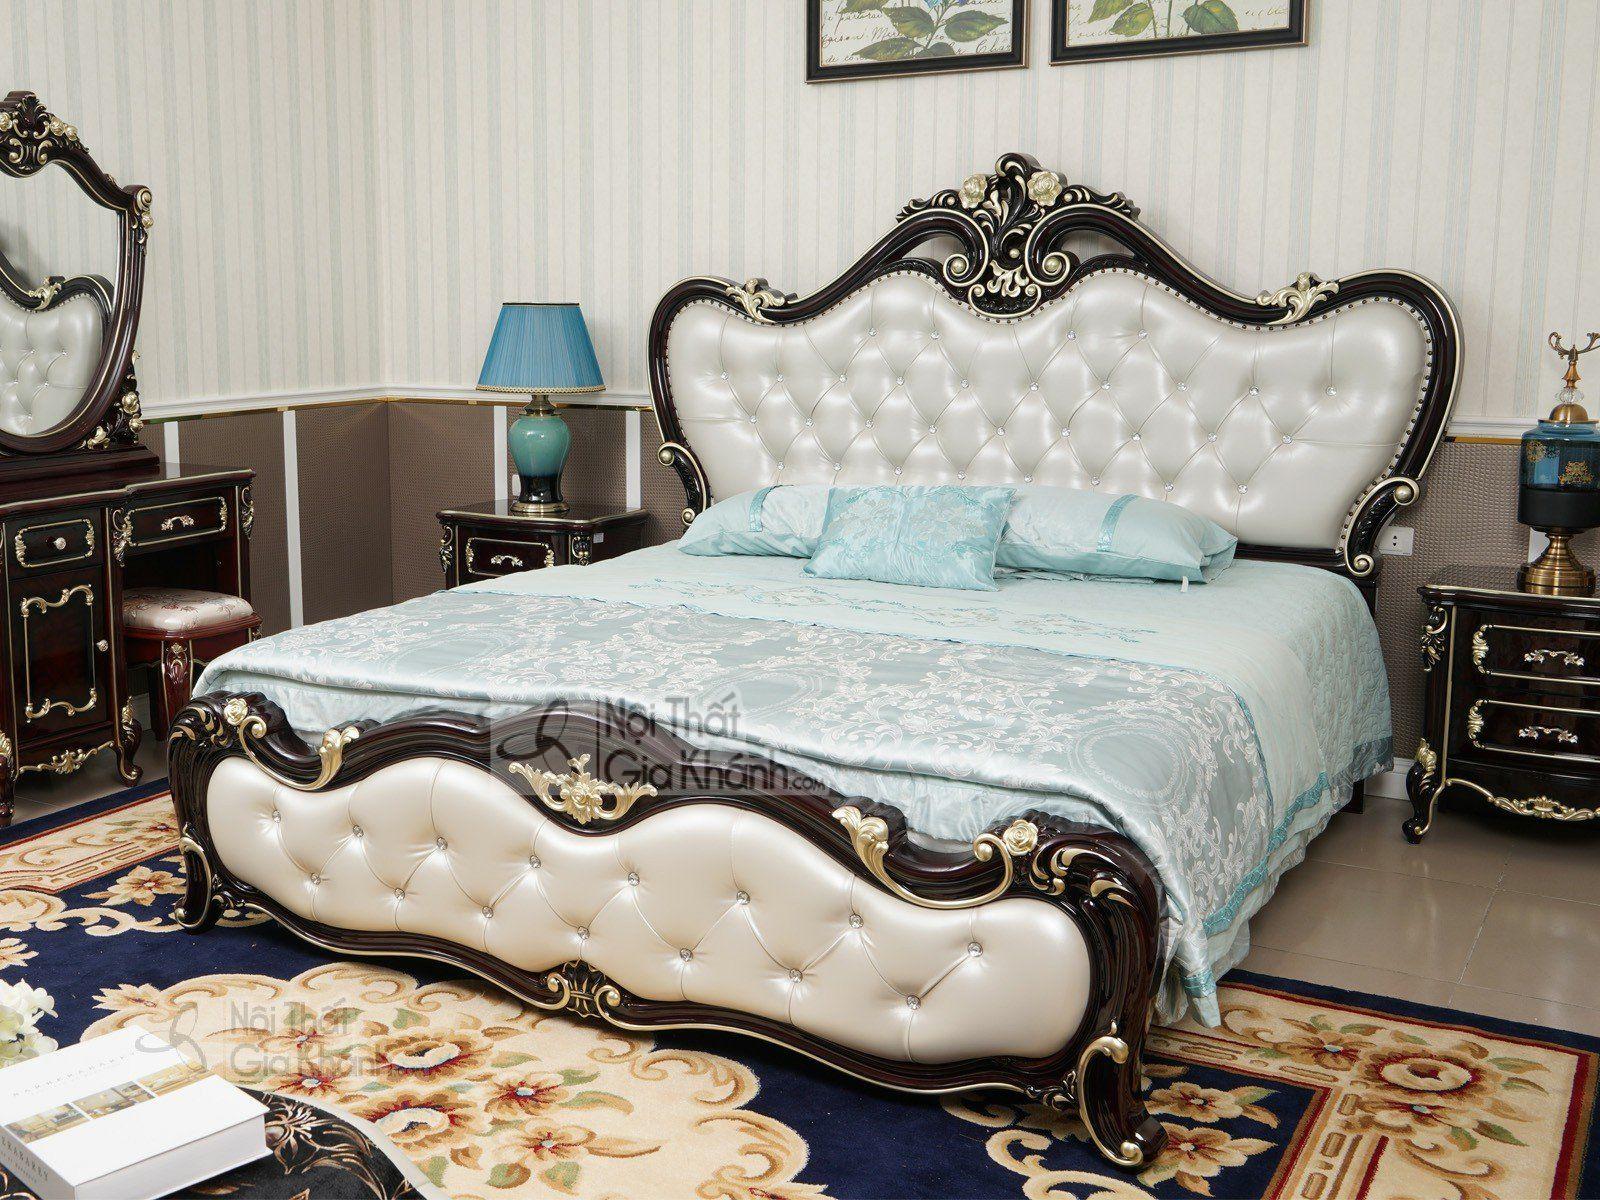 Giường ngủ màu nâu tân cổ điển gỗ sồi tự nhiên cao cấp G8802AL - giuong ngu tan co dien G8802AL 2240x2200x1635 2